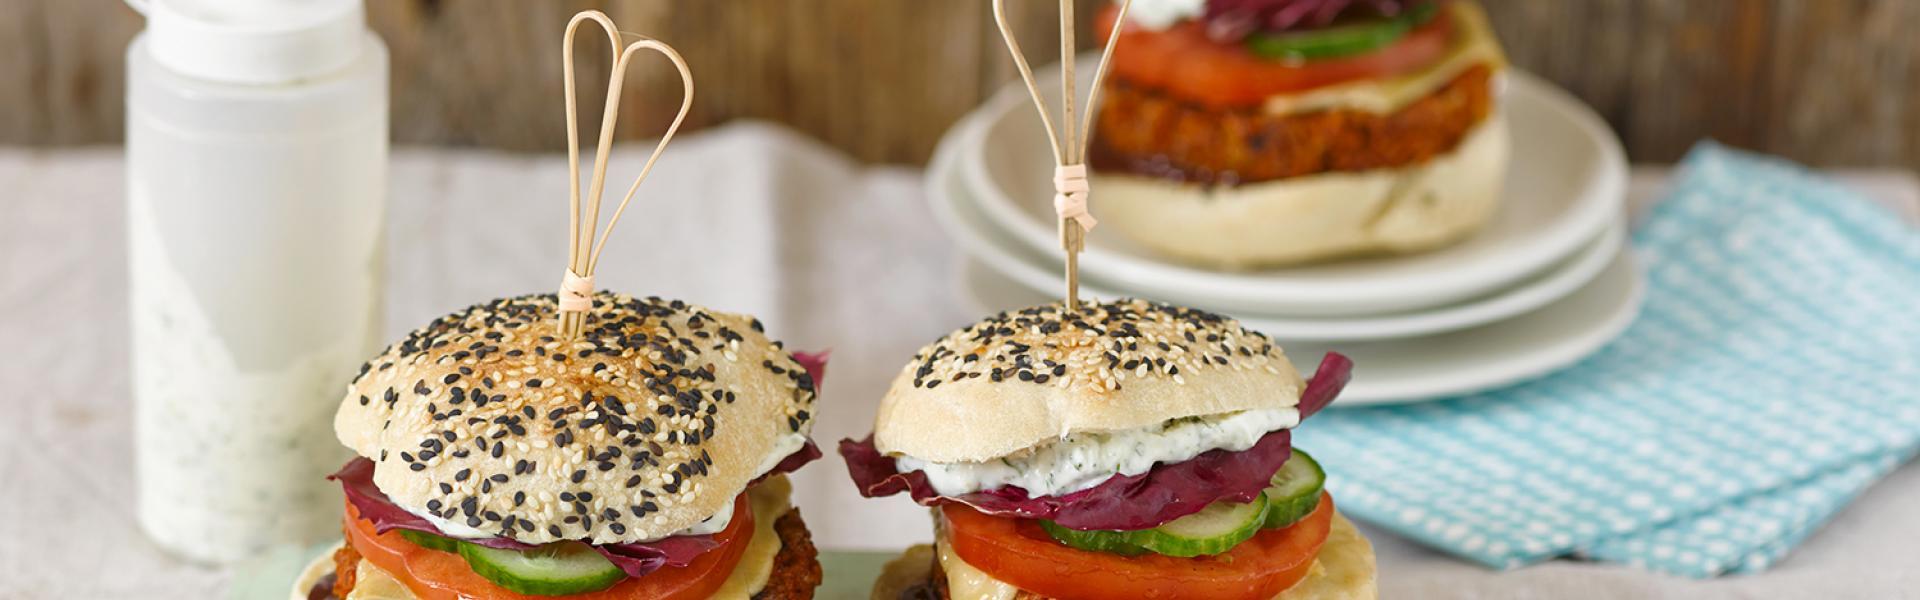 Drei vegetarischer Burger auf einem Brettchen und einem Teller angerichtet.